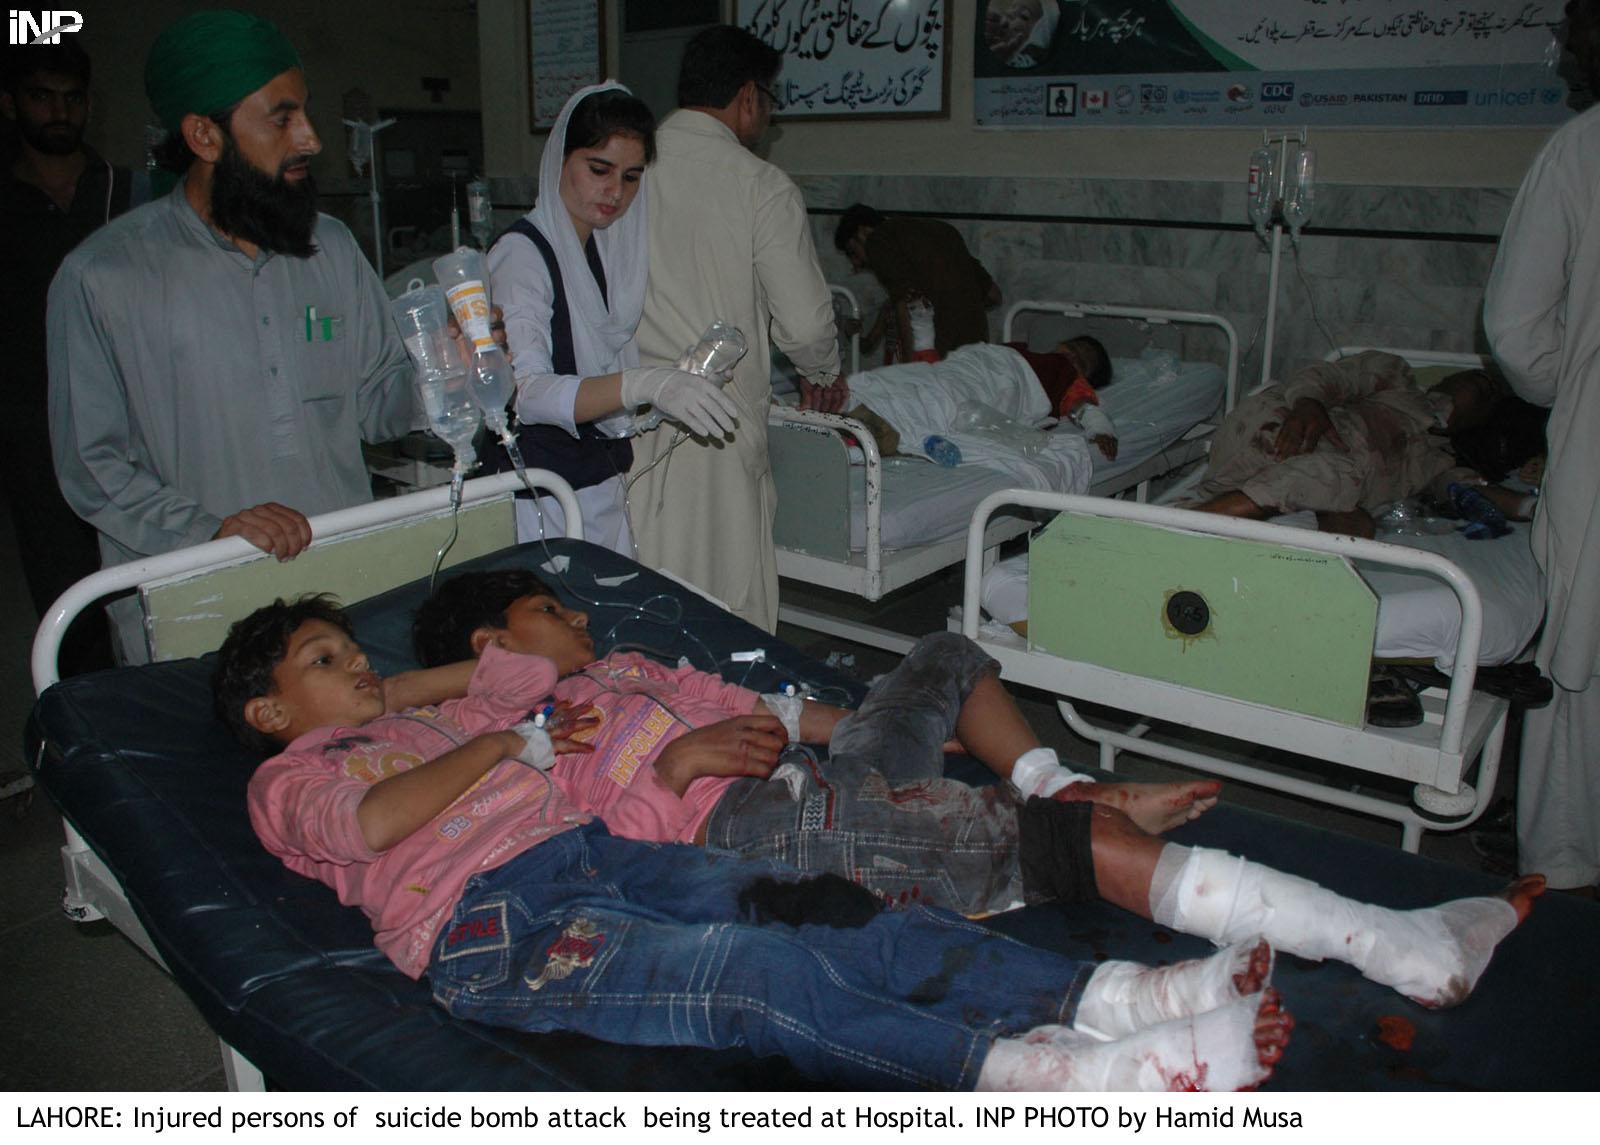 واہگہ بارڈر کے قریب خود کش دھماکہ' رینجرزاہلکاروں سمیت60 جاں بحق '80سے زائد زخمی